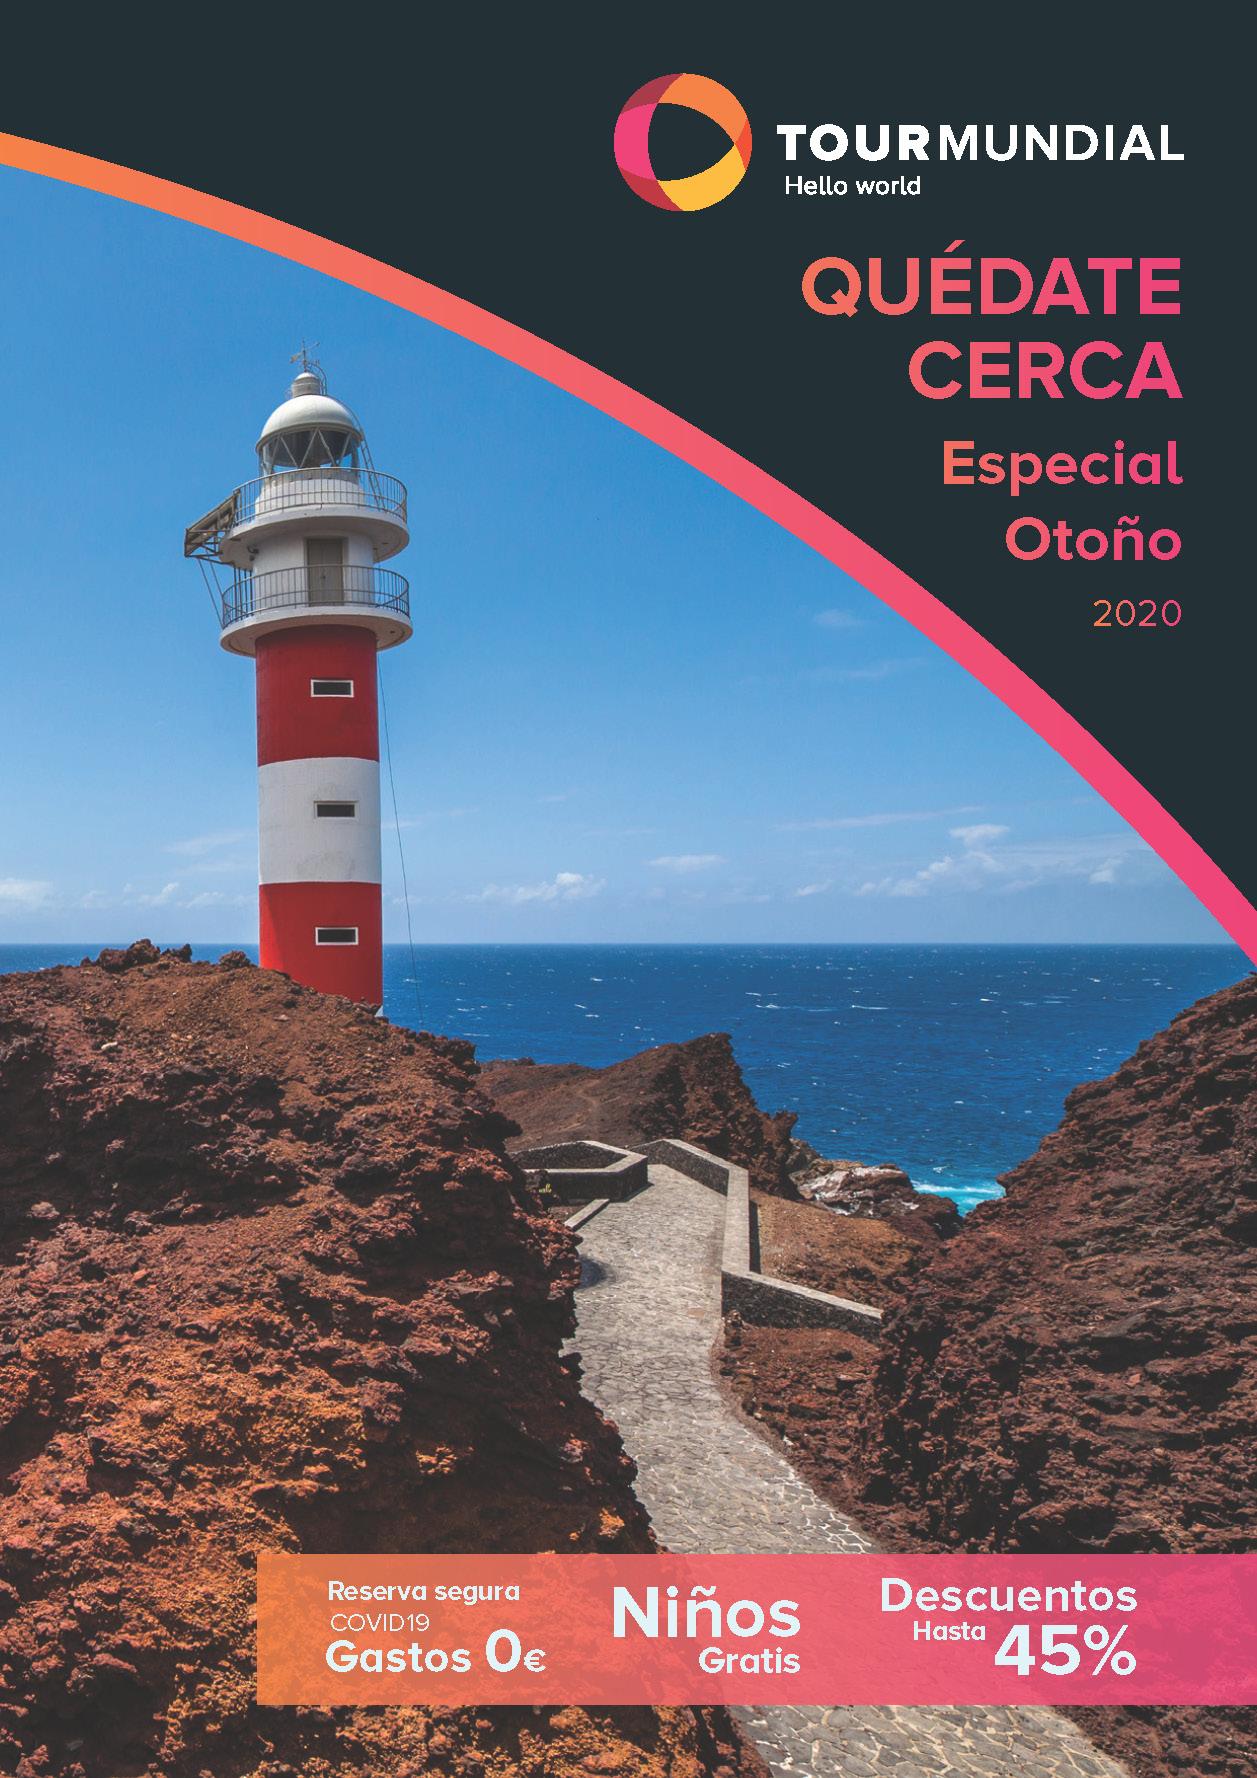 Catálogo Tourmundial Quedate Cerca Otono 2020